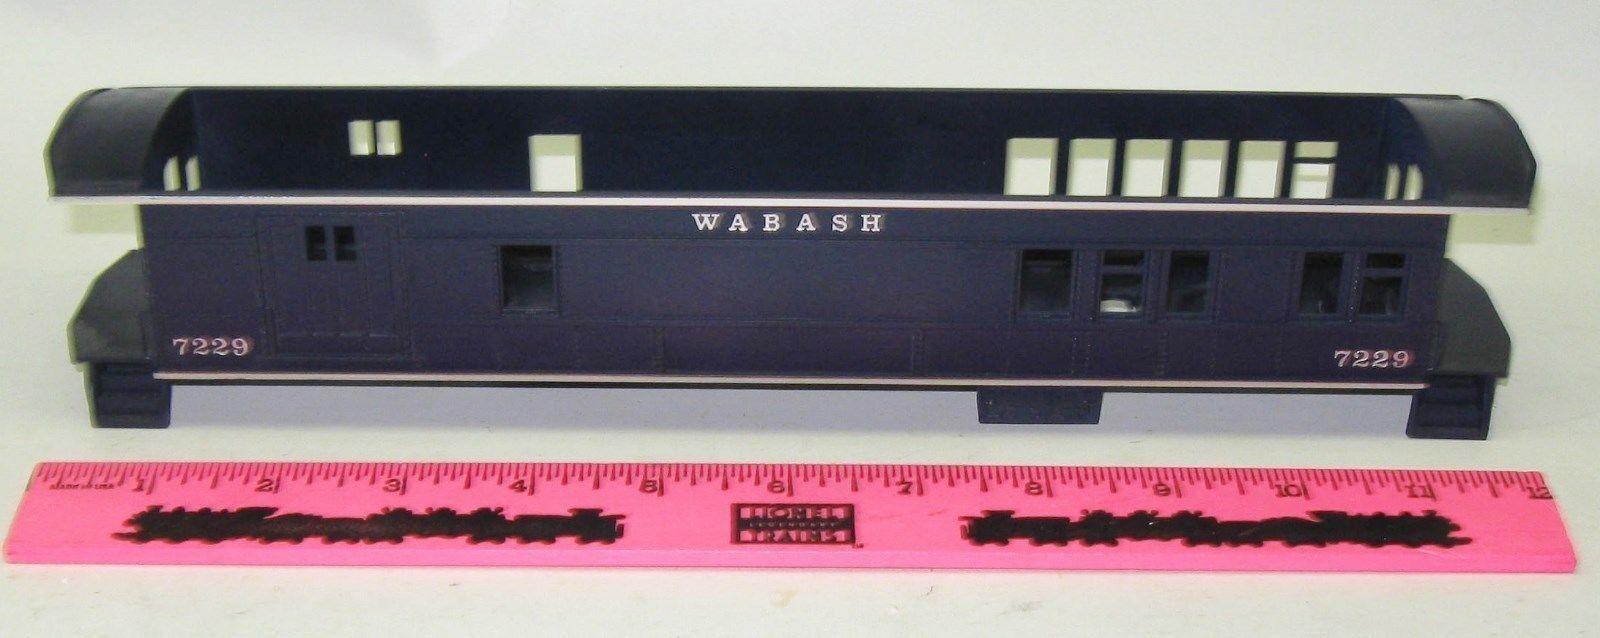 Lionel neue 7229 wabash shell